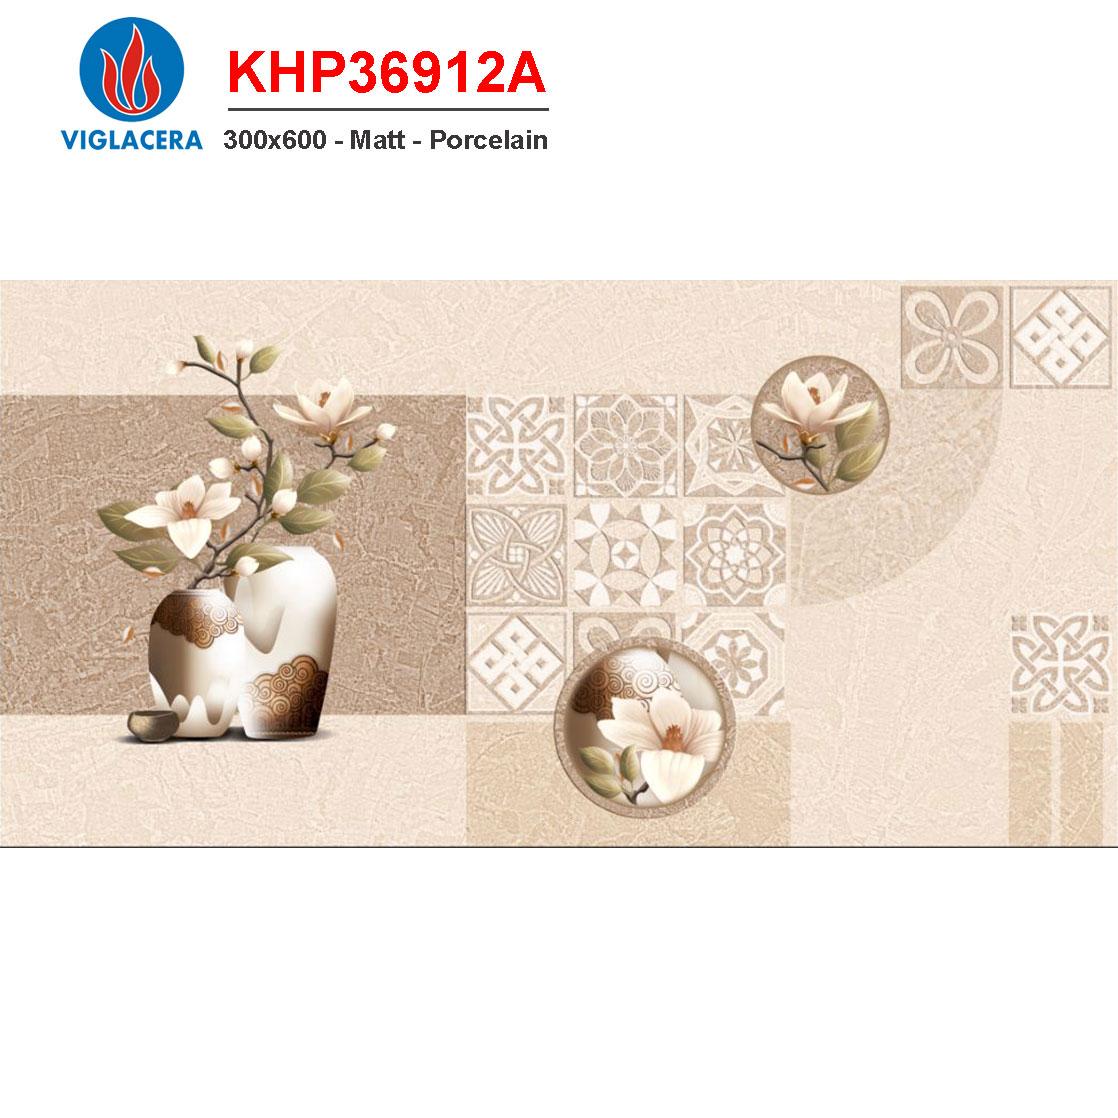 Gạch điểm 300x600 Viglacera KHP36912A giá rẻ